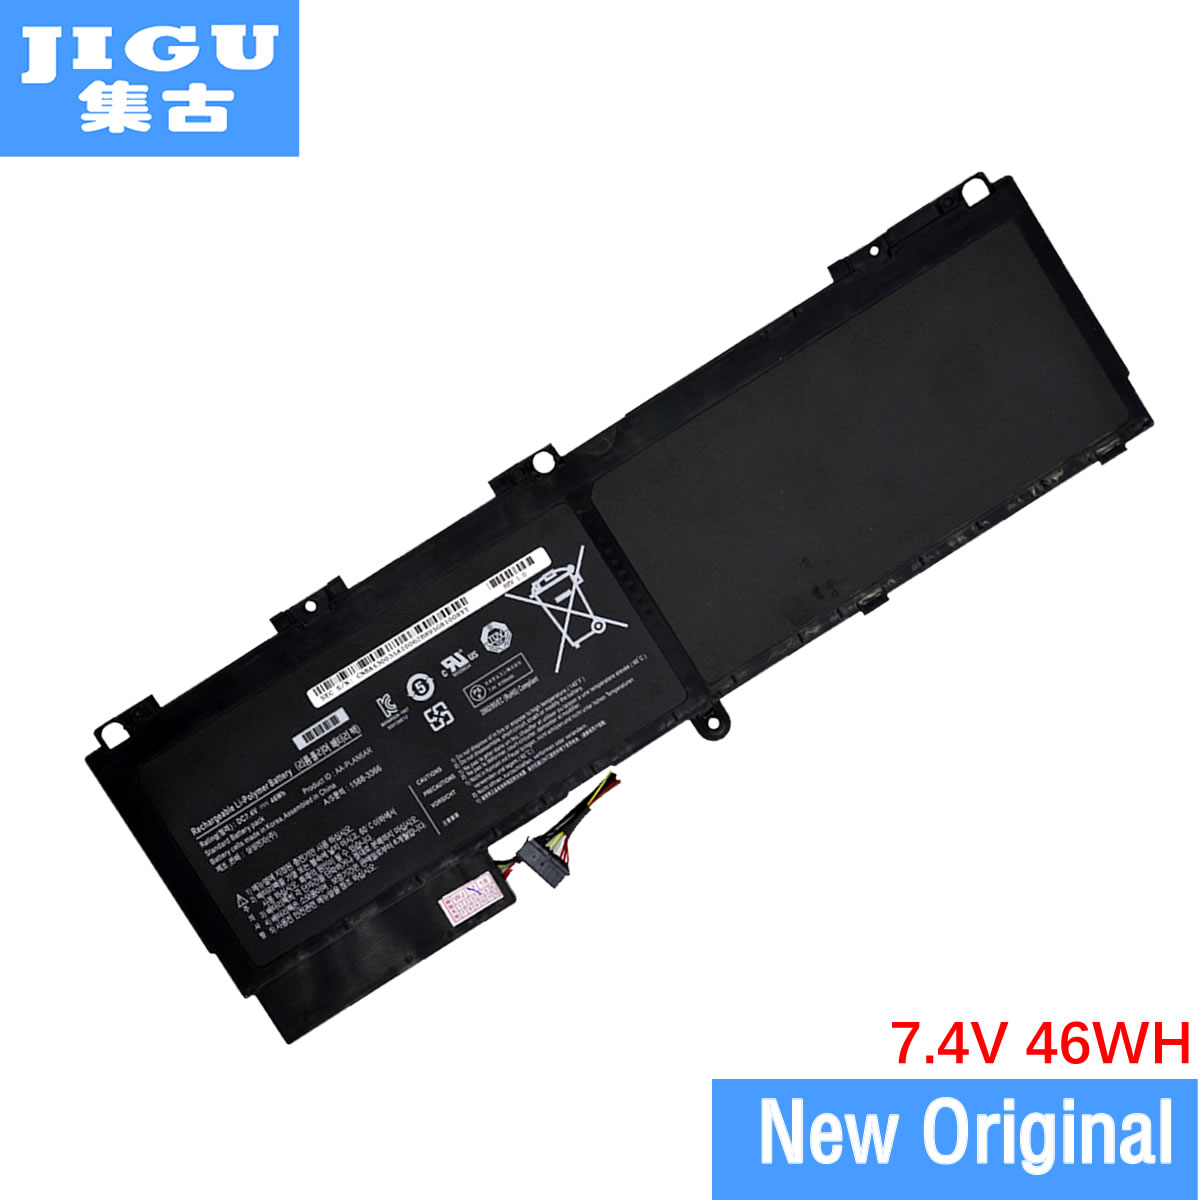 JIGU AAPLAN6AR AA-PLAN6AR Original Laptop Battery For SAMSUNG 900X1AA01US 900X3A-01IT B04CH NP900X3A 900X1BA03 SERIES